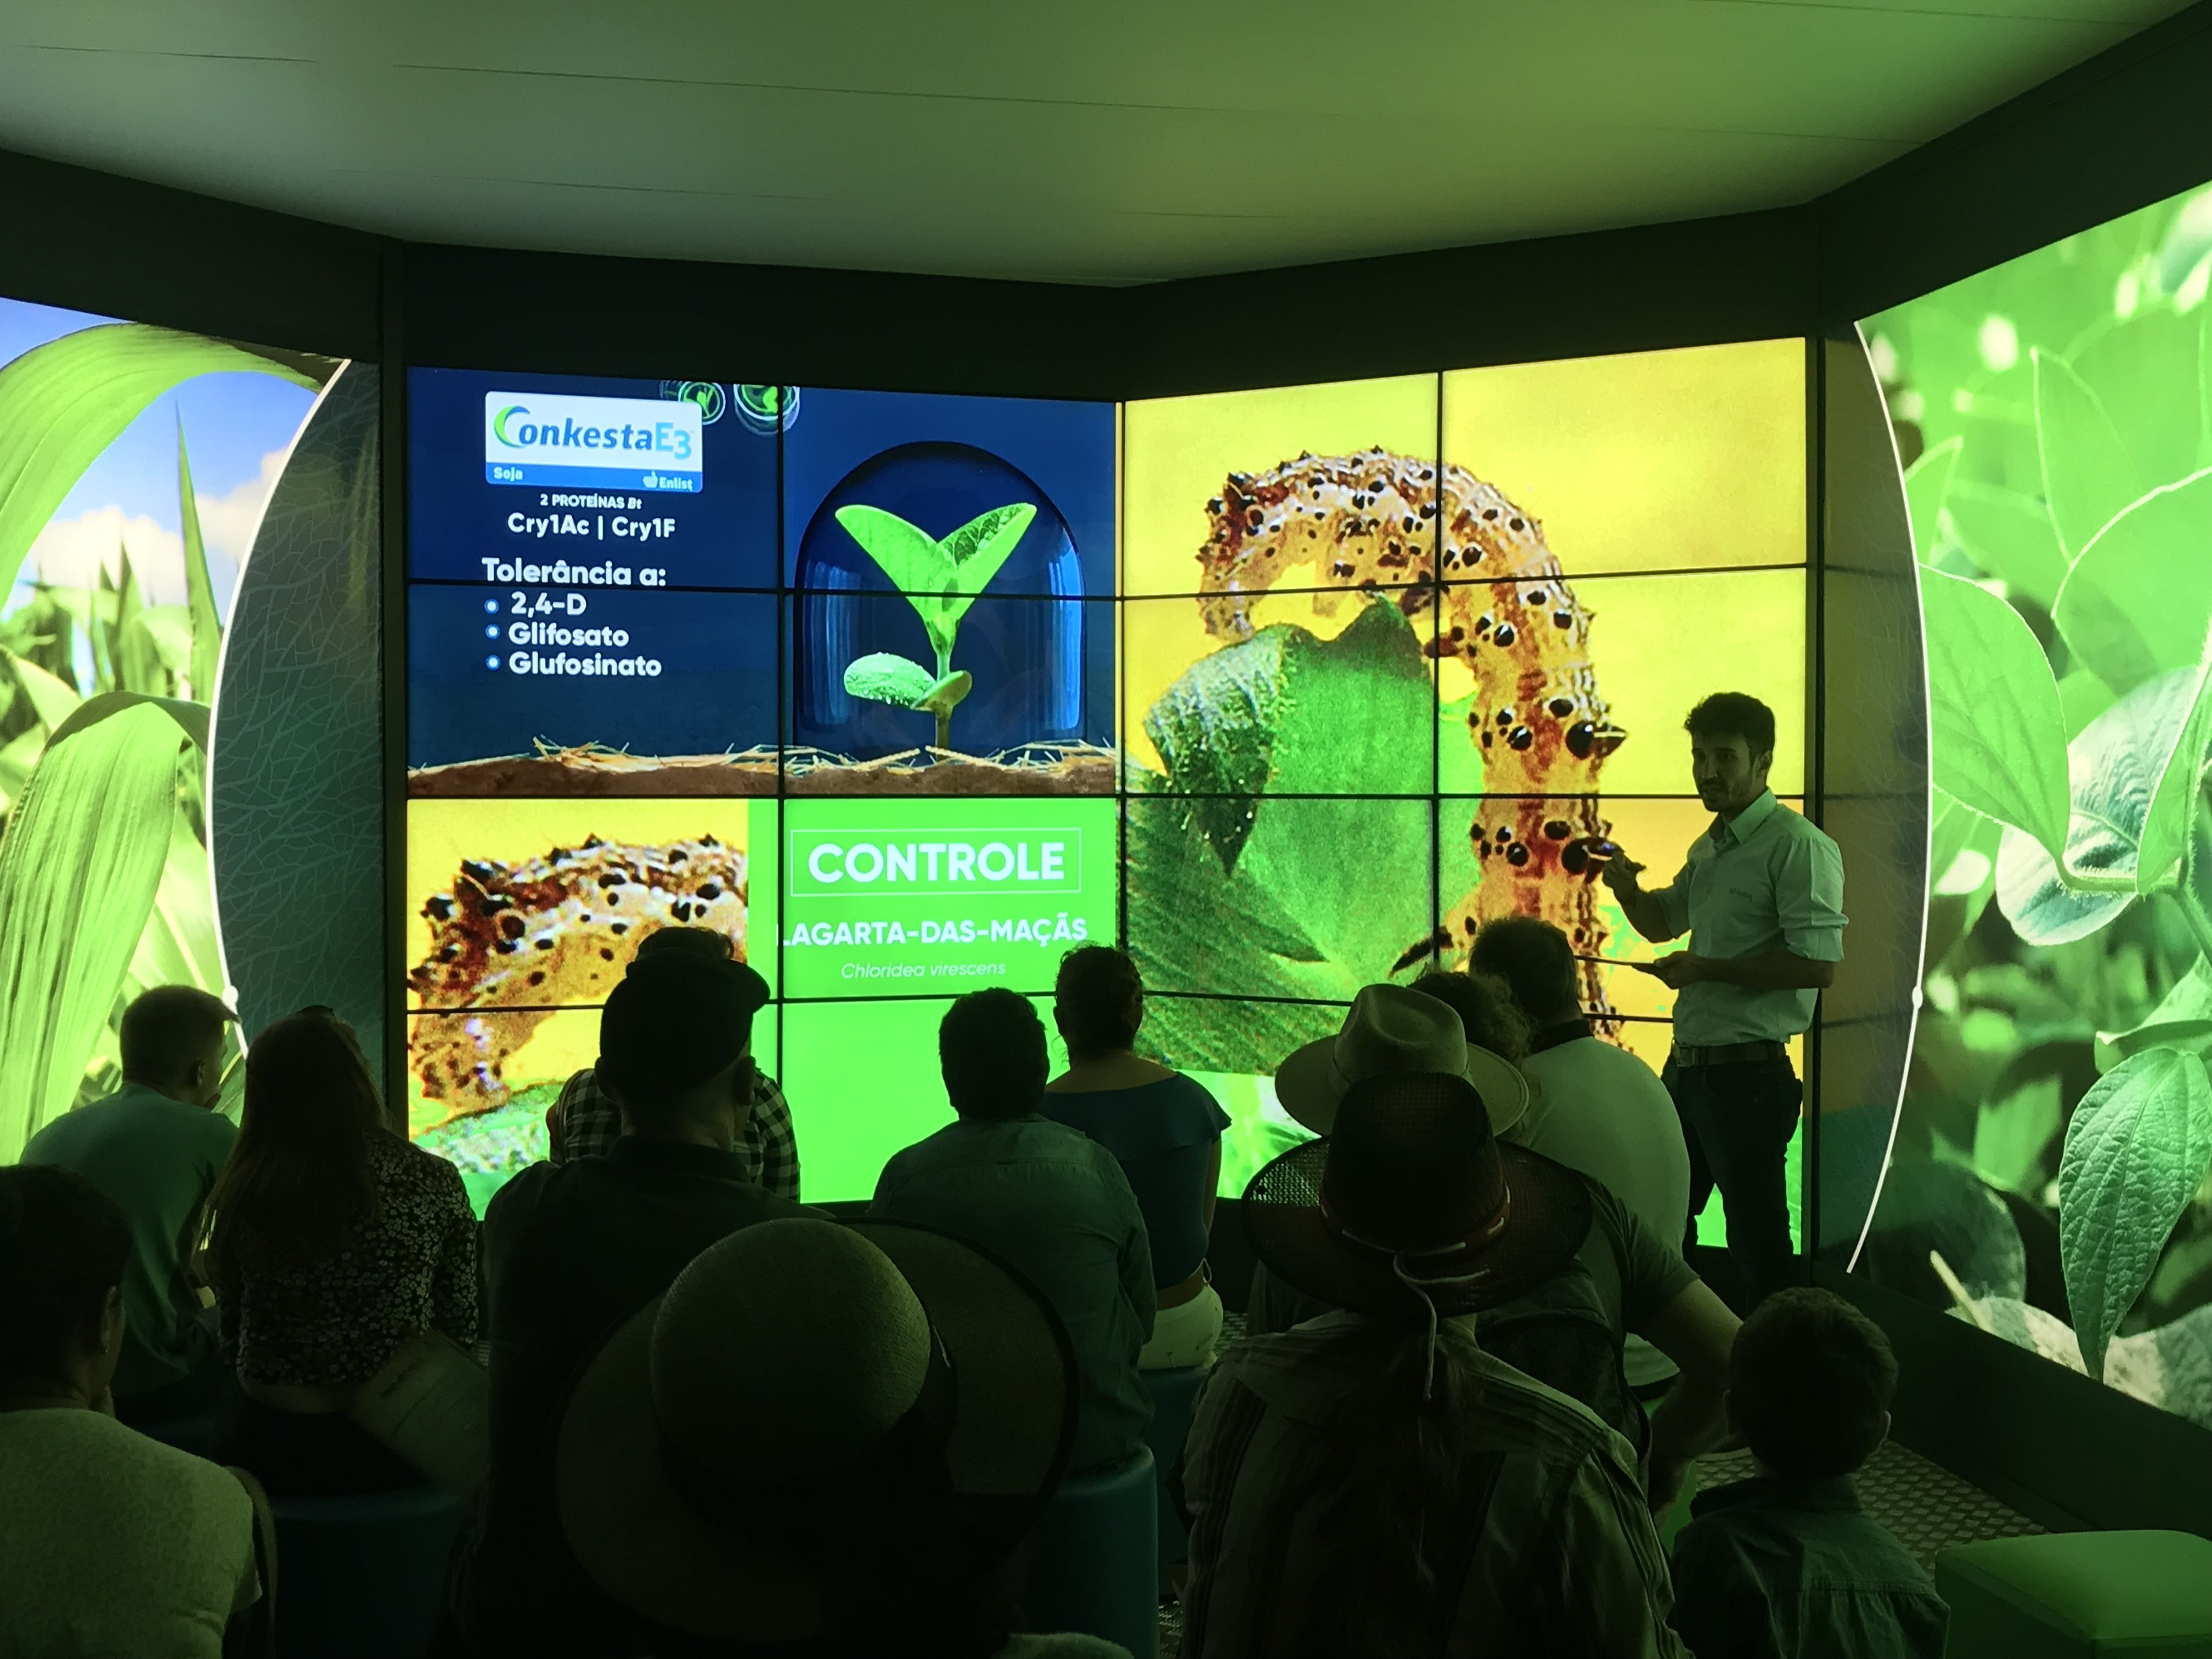 Apresentação da Corteva Agriscience, Divisão Agrícola da DowDuPont, no Show Rural Coopavel (Foto: Divulgação)